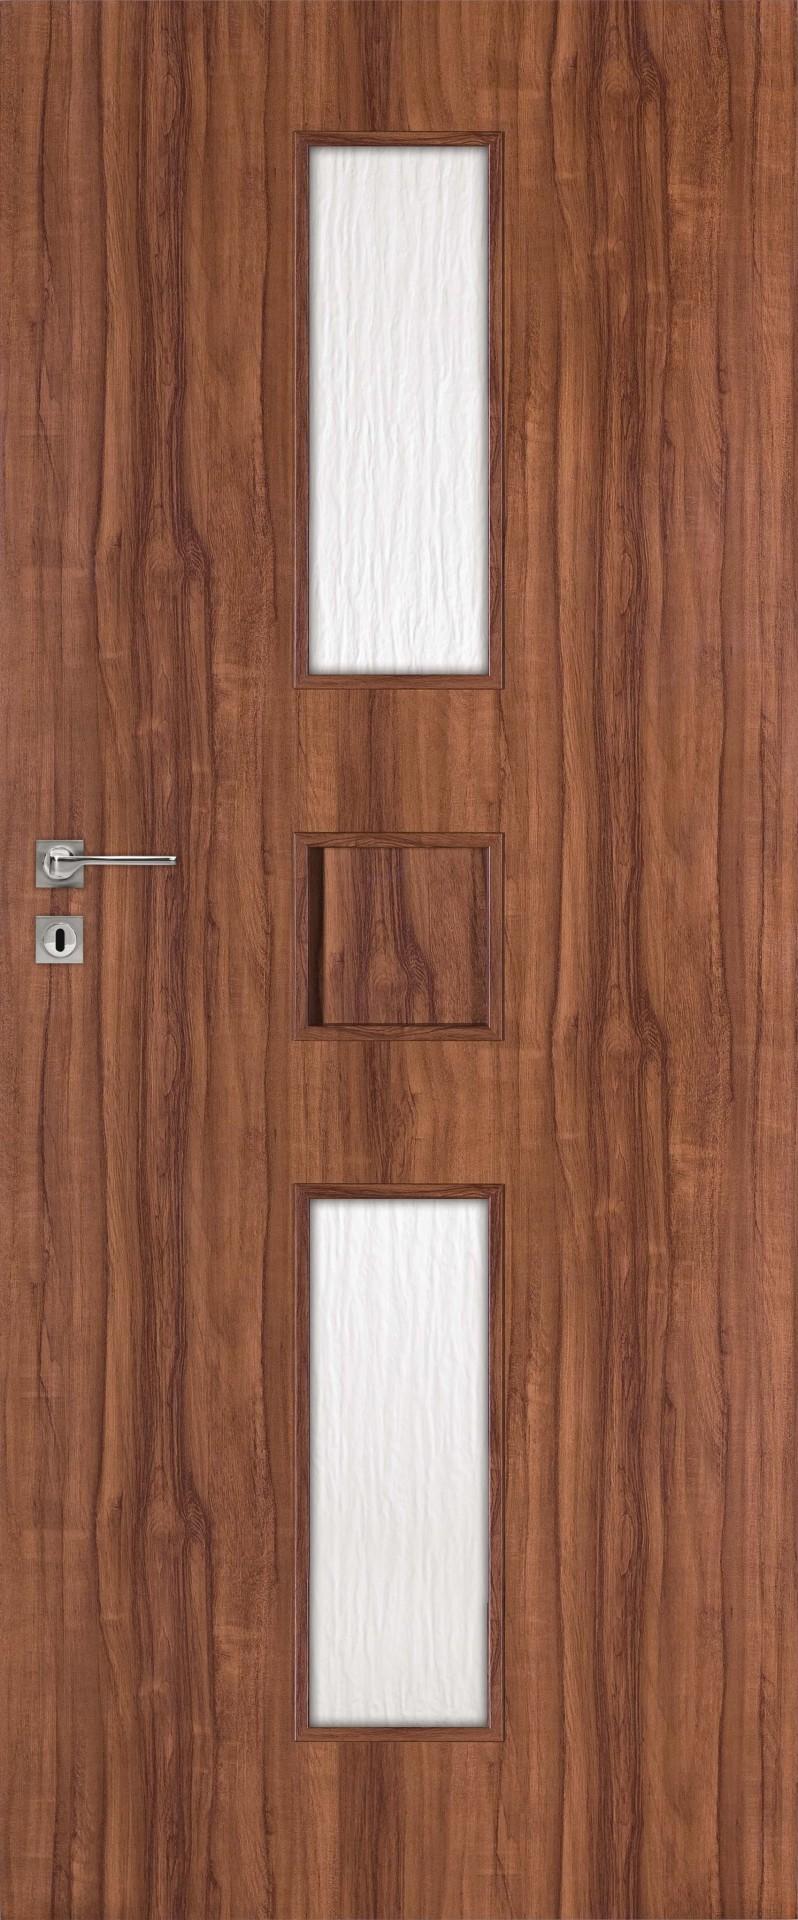 Dre dveře IDEA 110, Šíře v cm 60